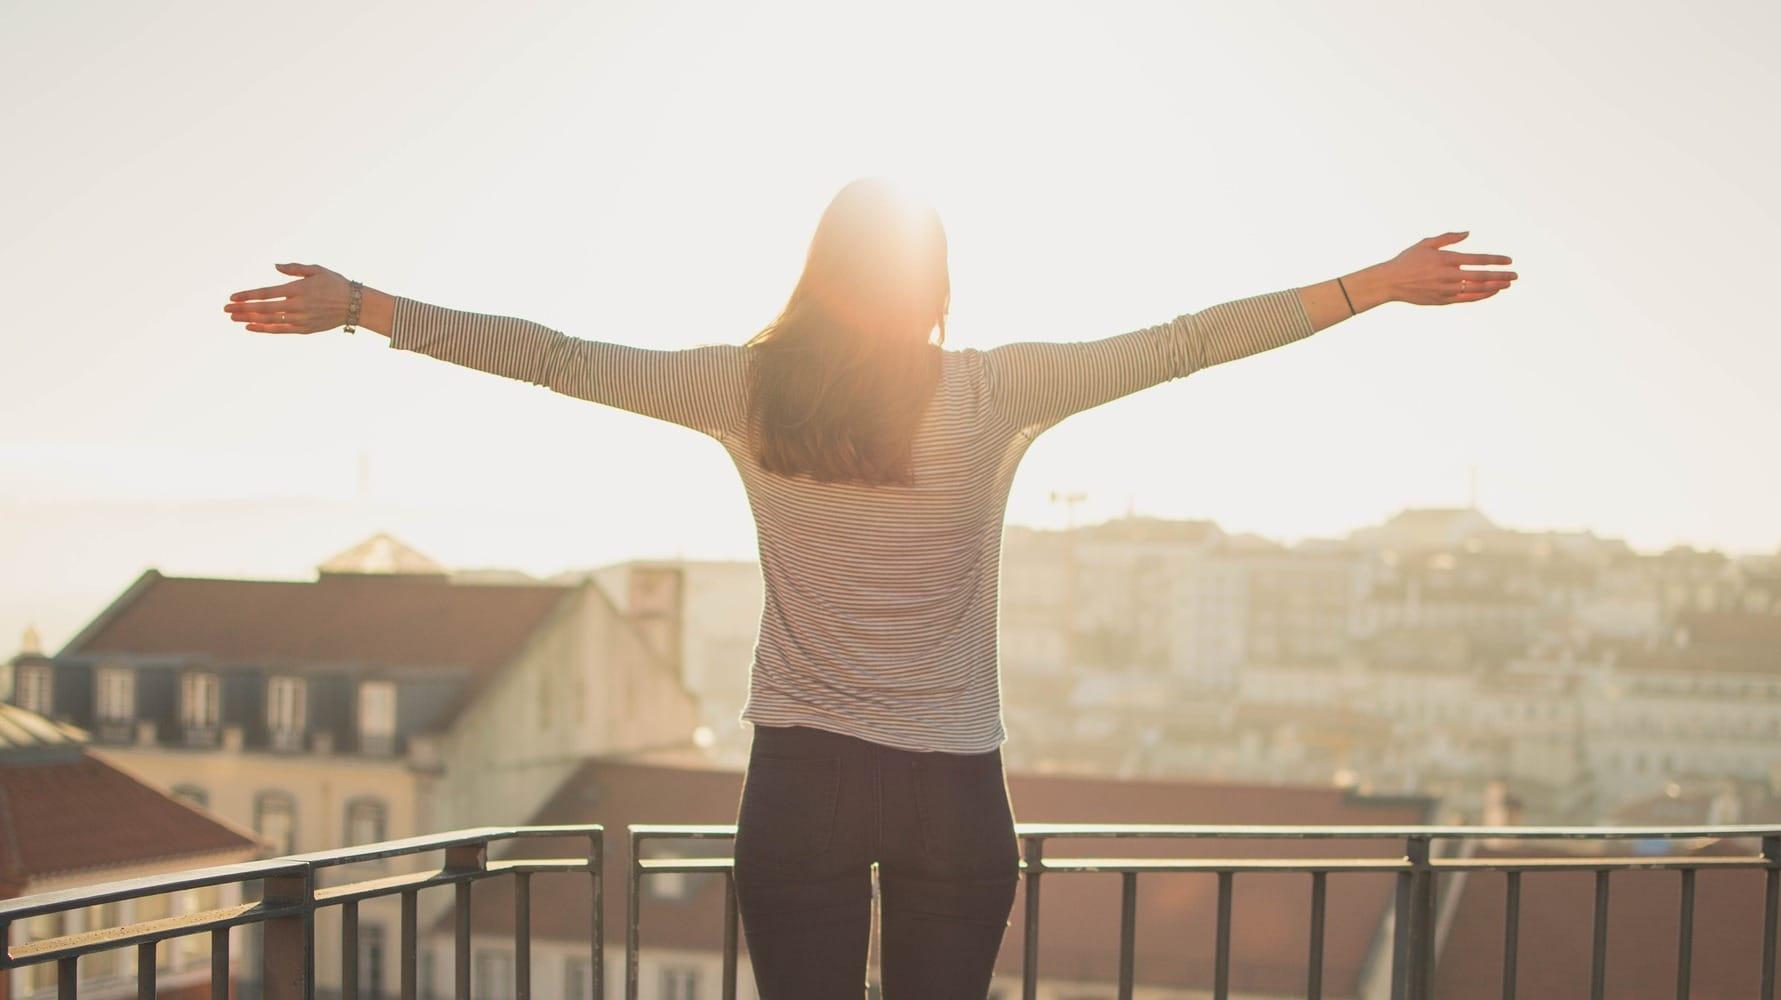 Eine Frau steht auf einem Balkon über den Dächern und streckt die Arme aus